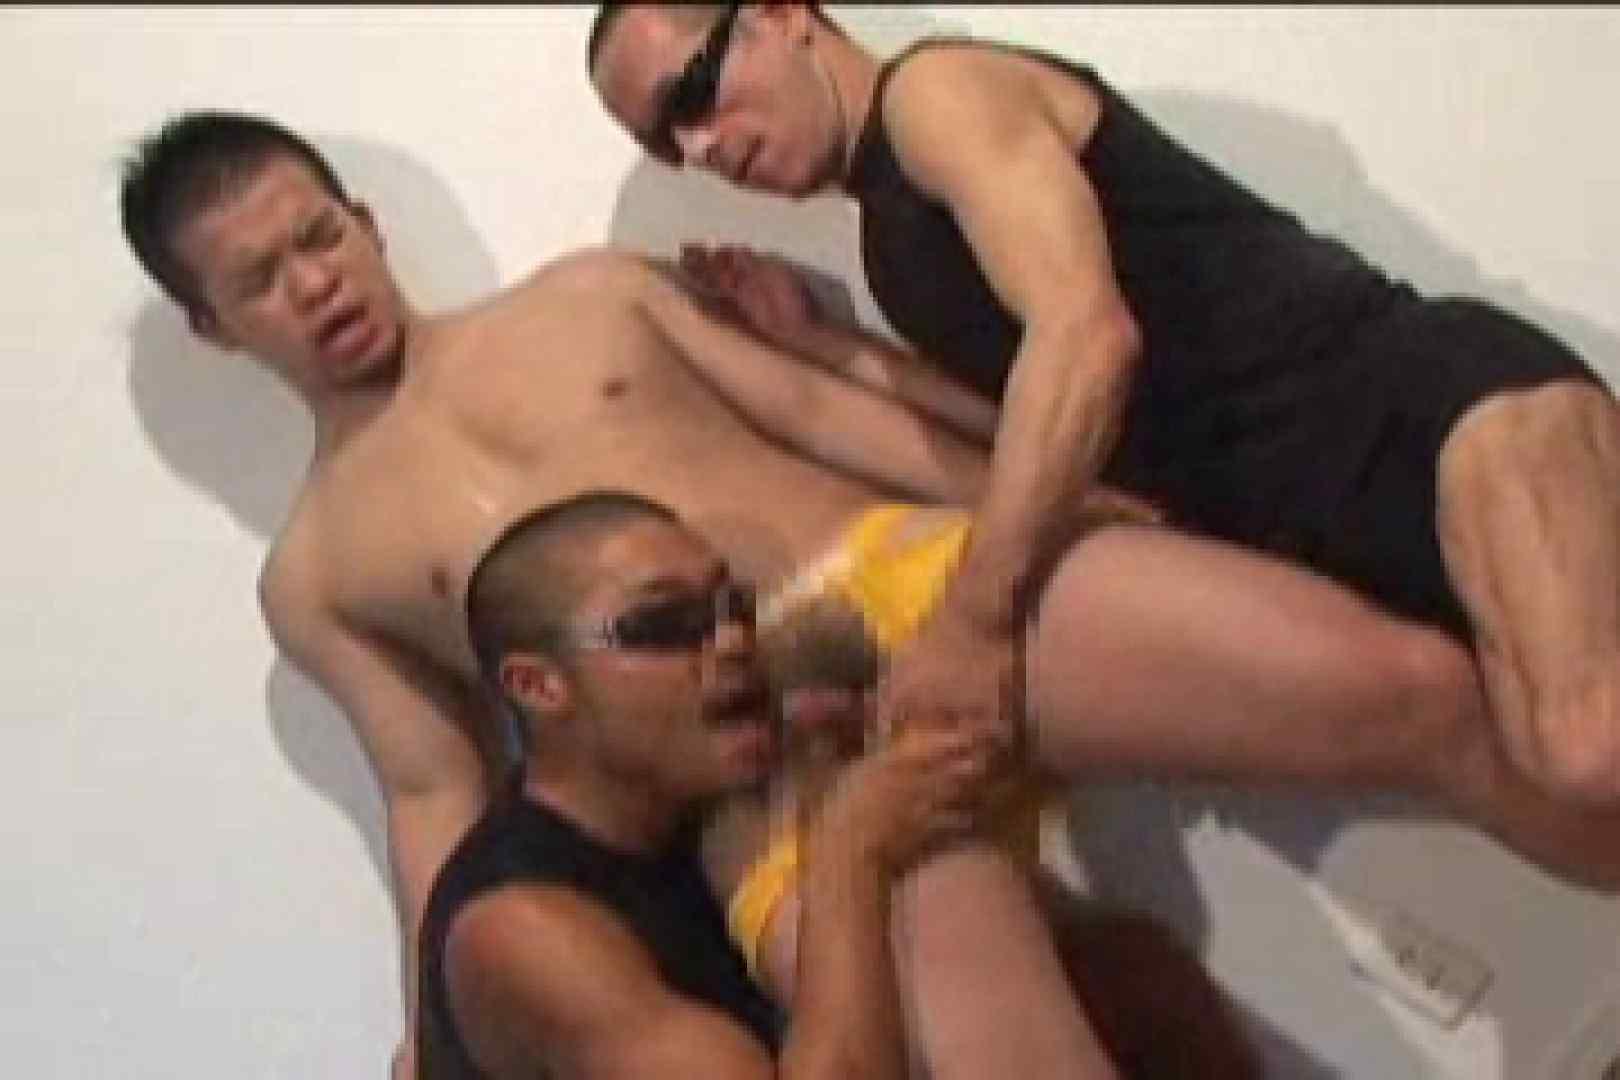 スポMENファック!!反り勃つ男根!!vol.14 キス ゲイアダルトビデオ画像 85枚 38